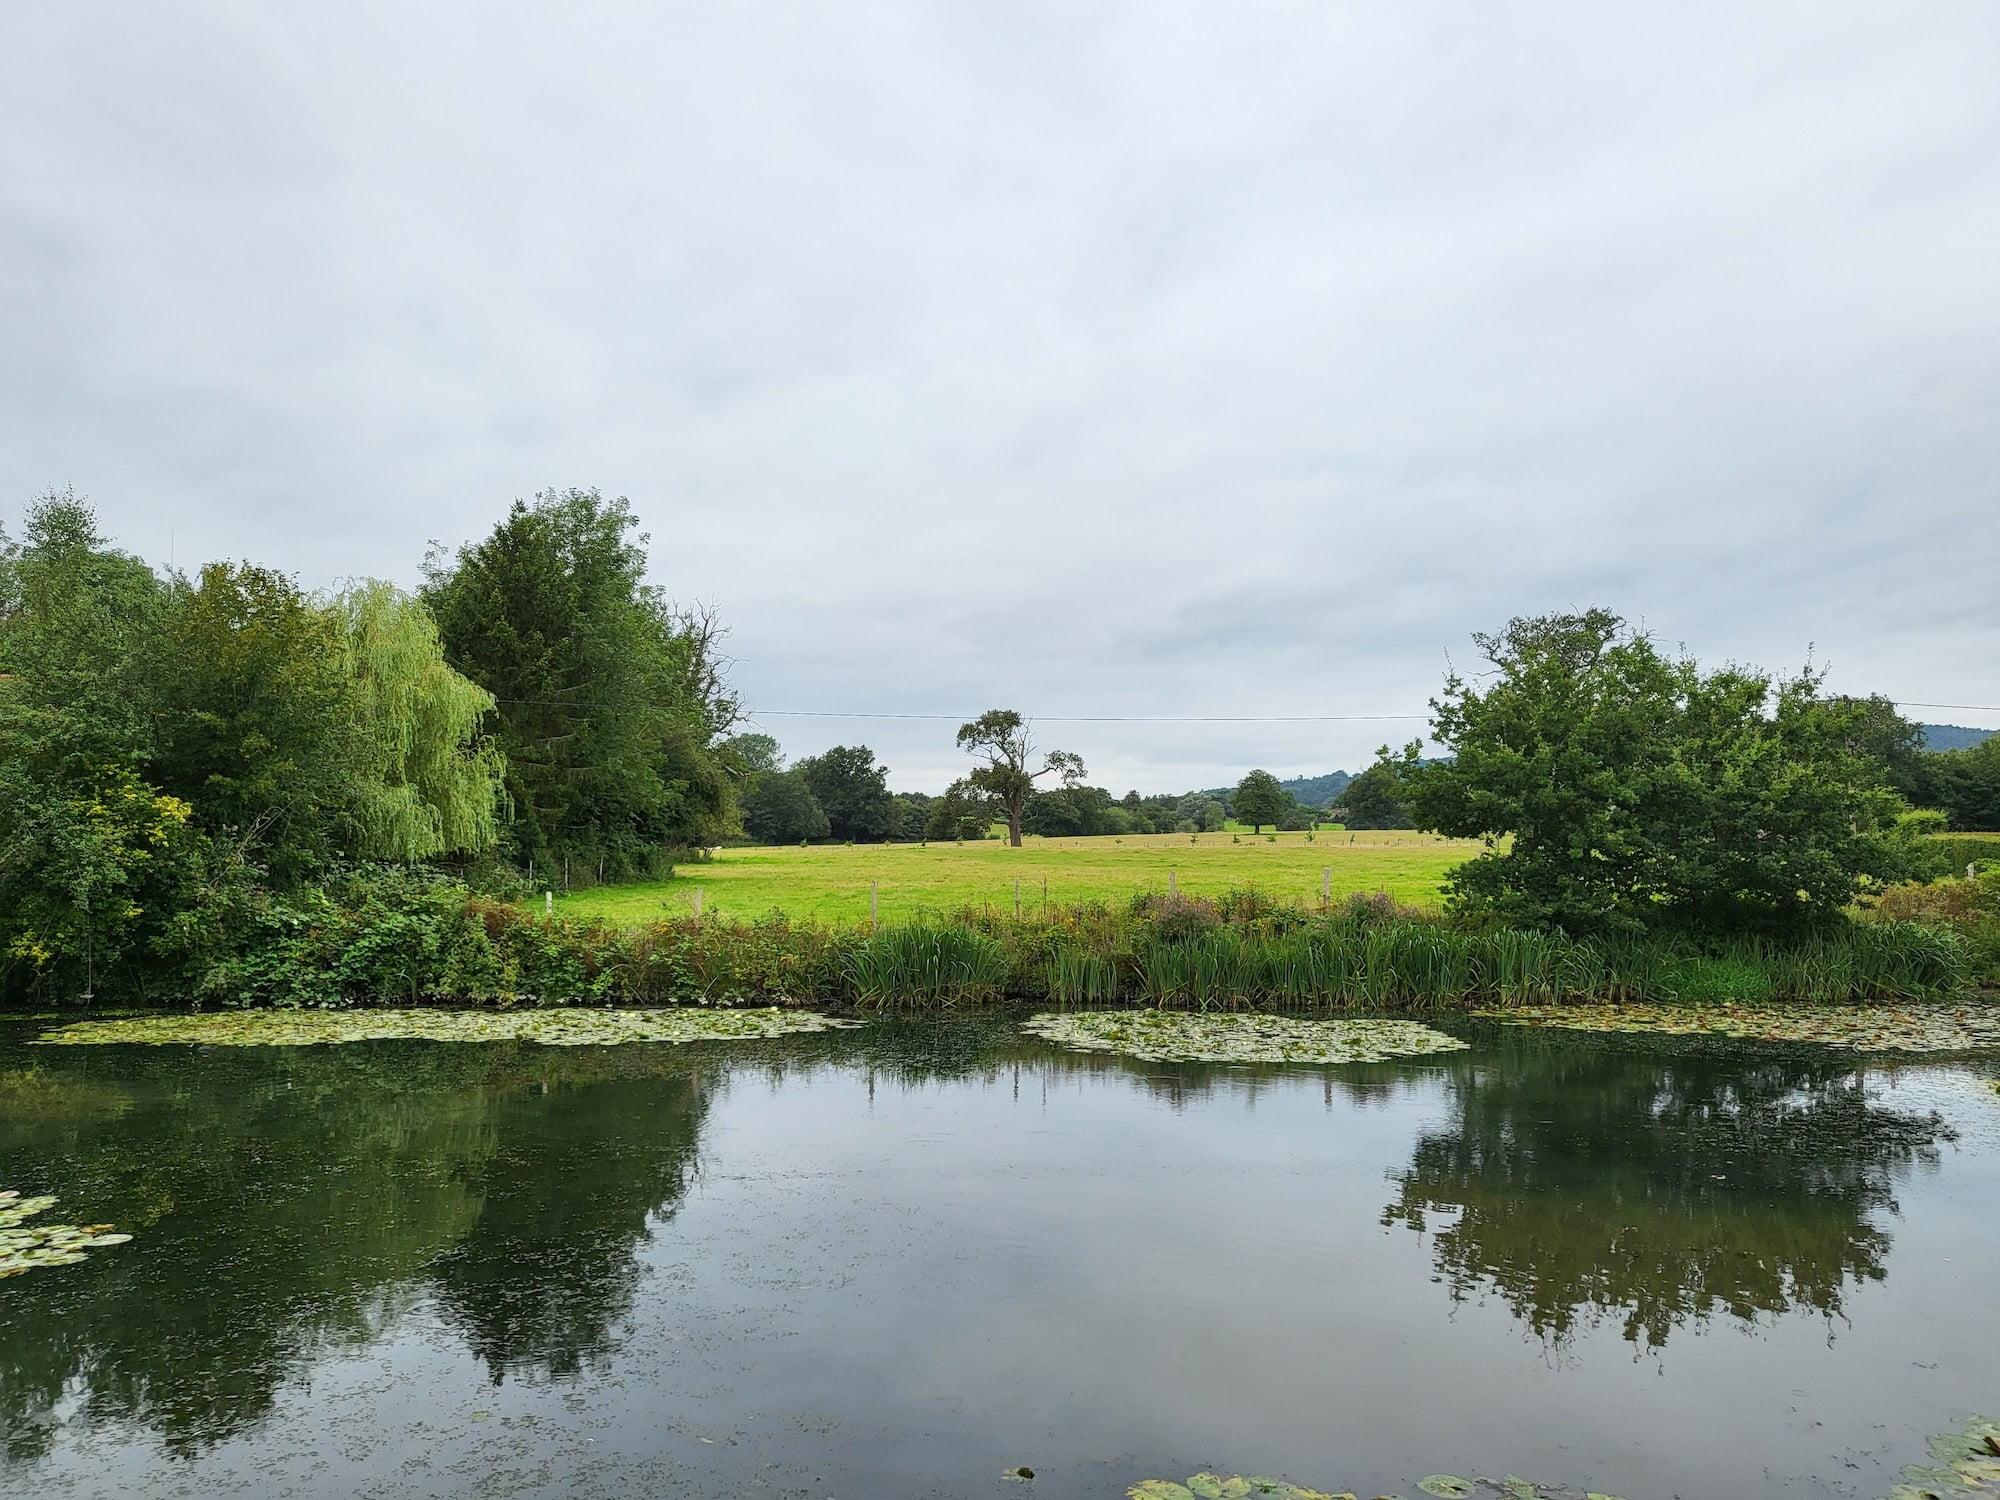 Pond scene photo taken with the Galaxy Z Flip 3.